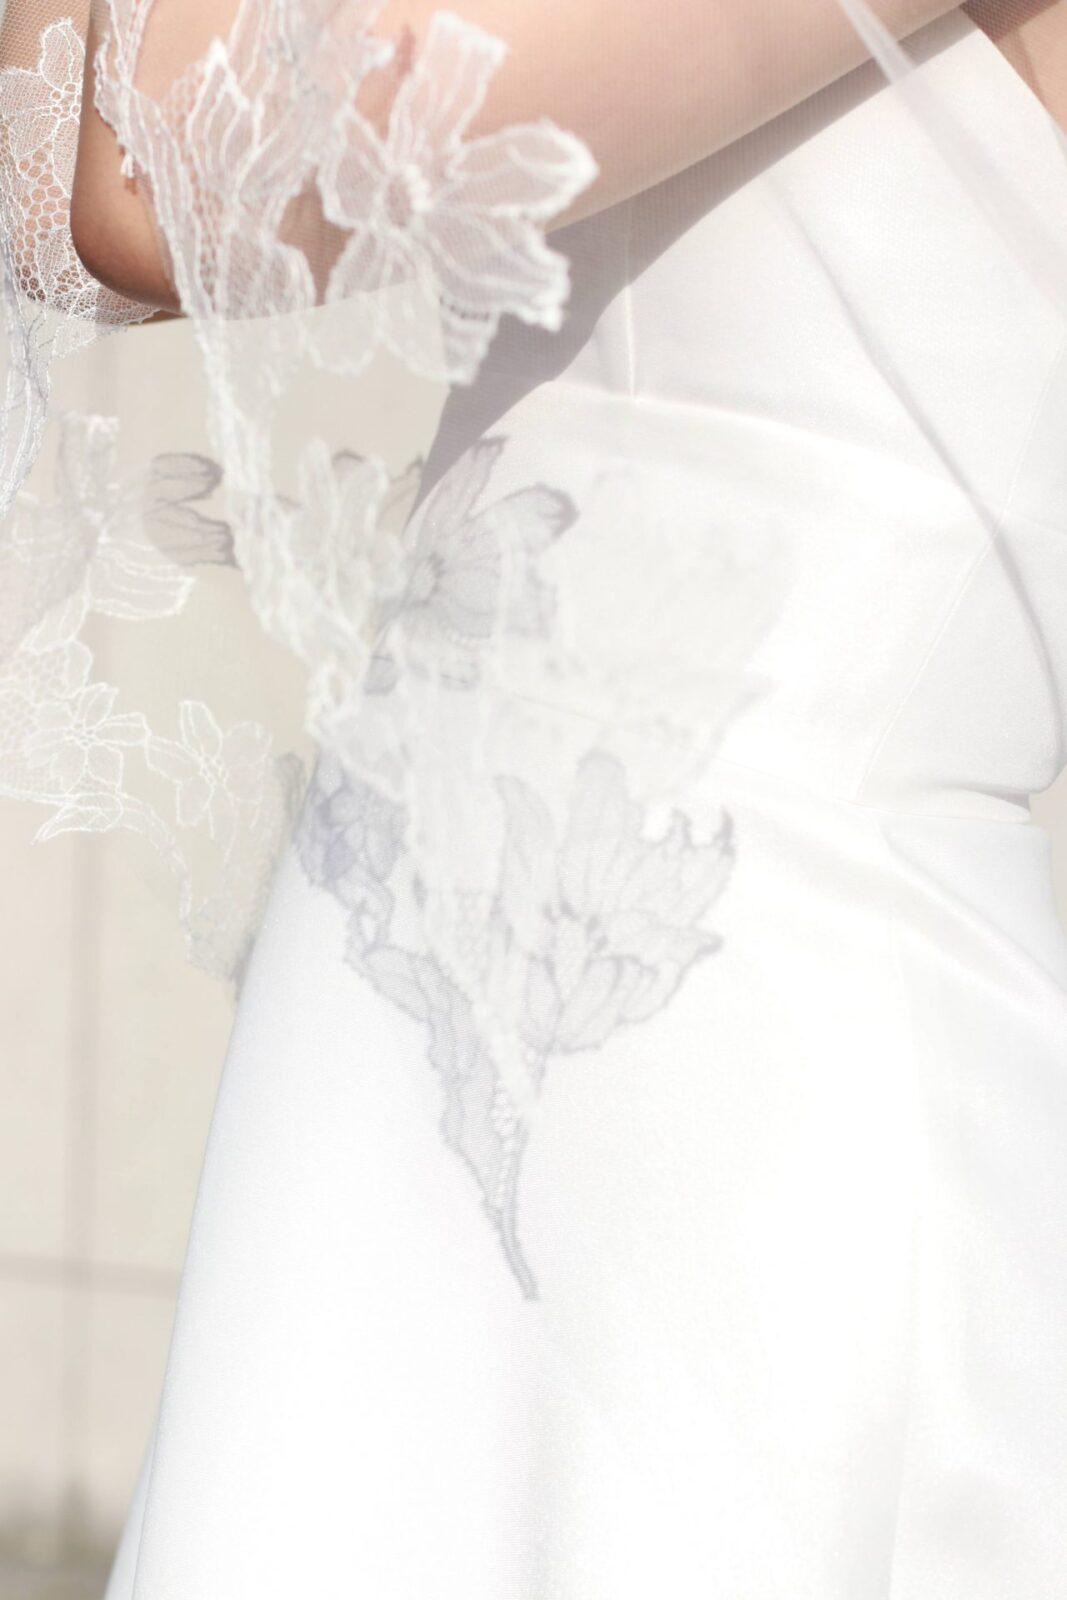 インポートドレスのセレクトショップ、ザトリートドレッシングで販売している新作のオリジナルベールはチューリップやコスモス模様のシルクレースを使用しています。